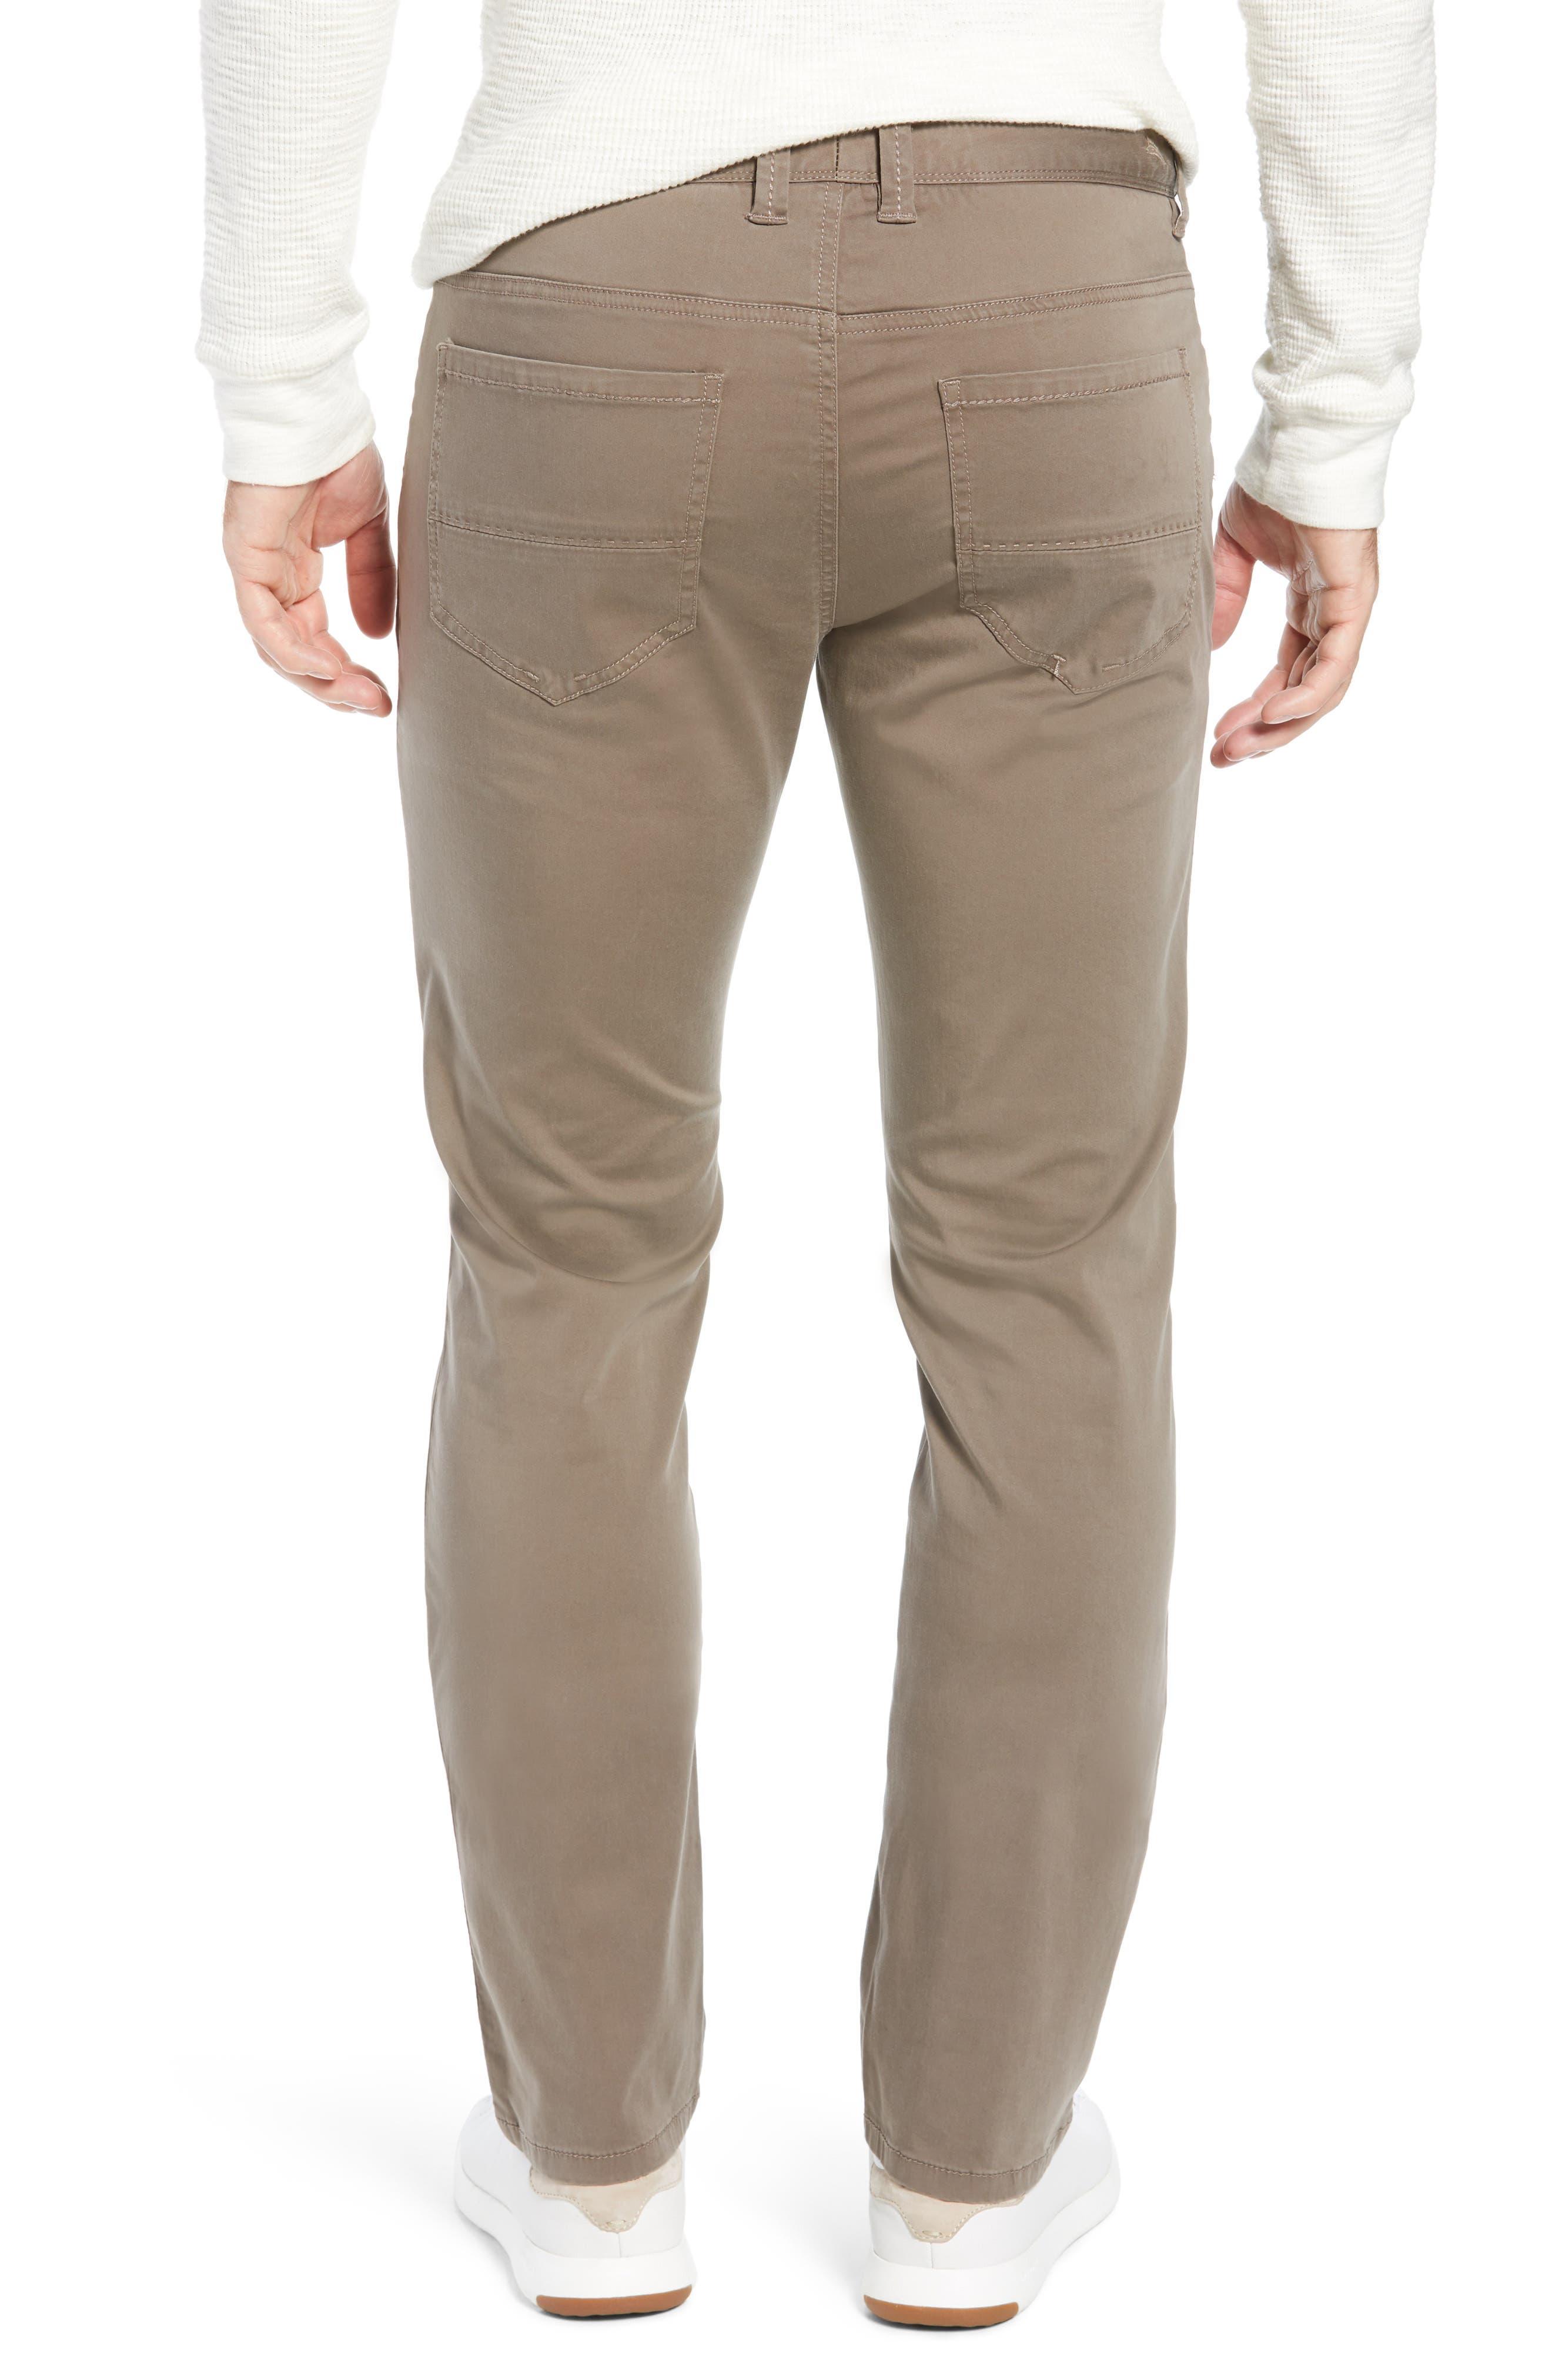 Boracay Pants,                             Alternate thumbnail 2, color,                             BISON